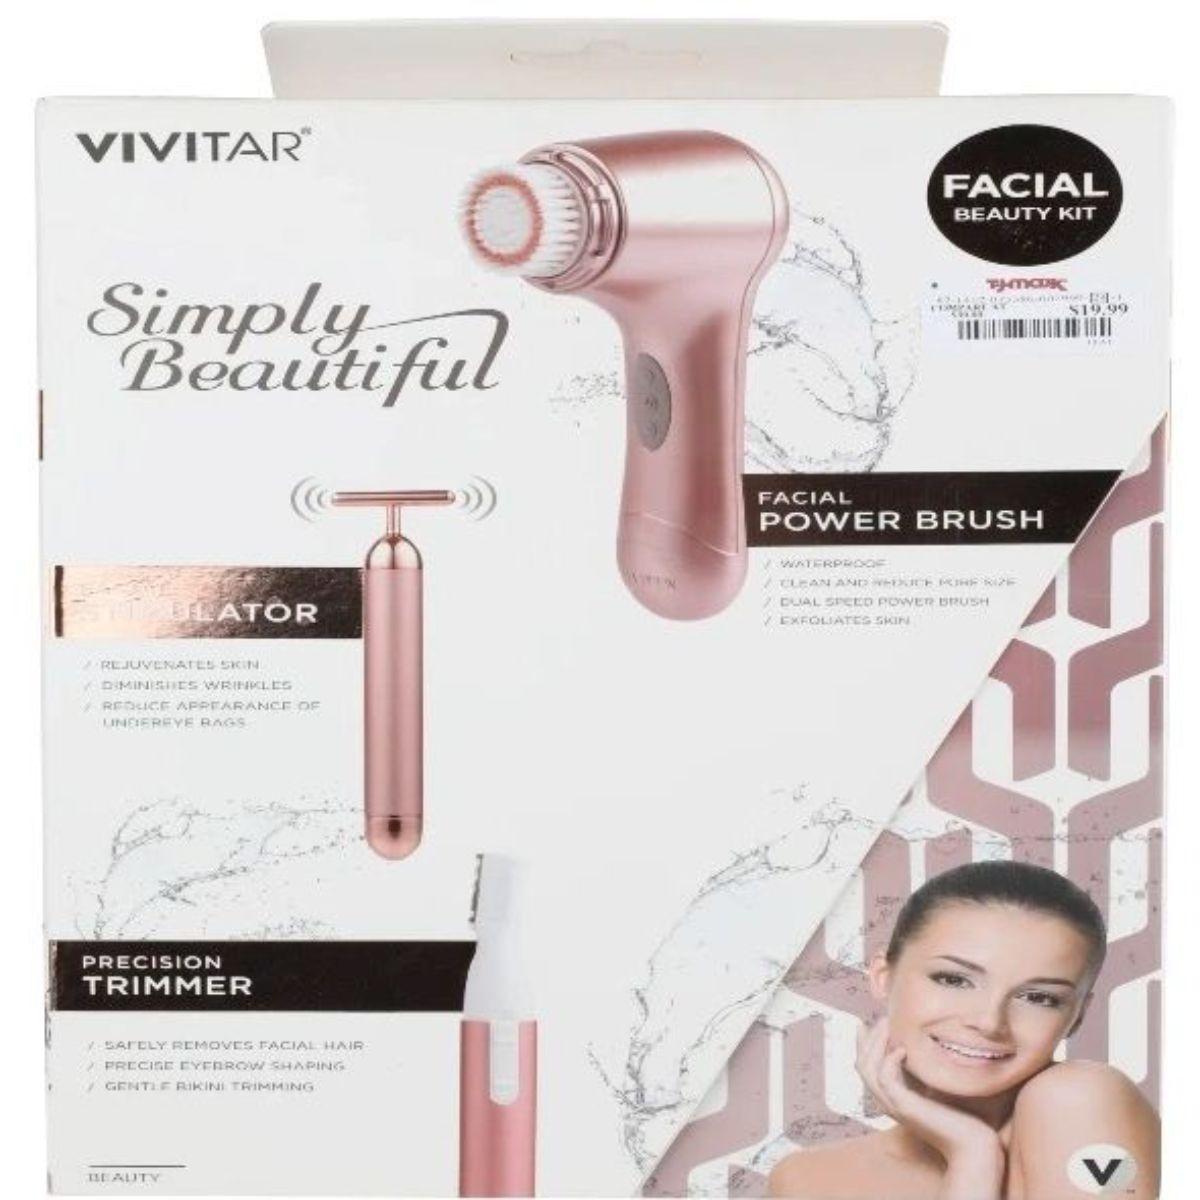 kit de cuidado facial todo en 1 vivitar pg 7820 3 1